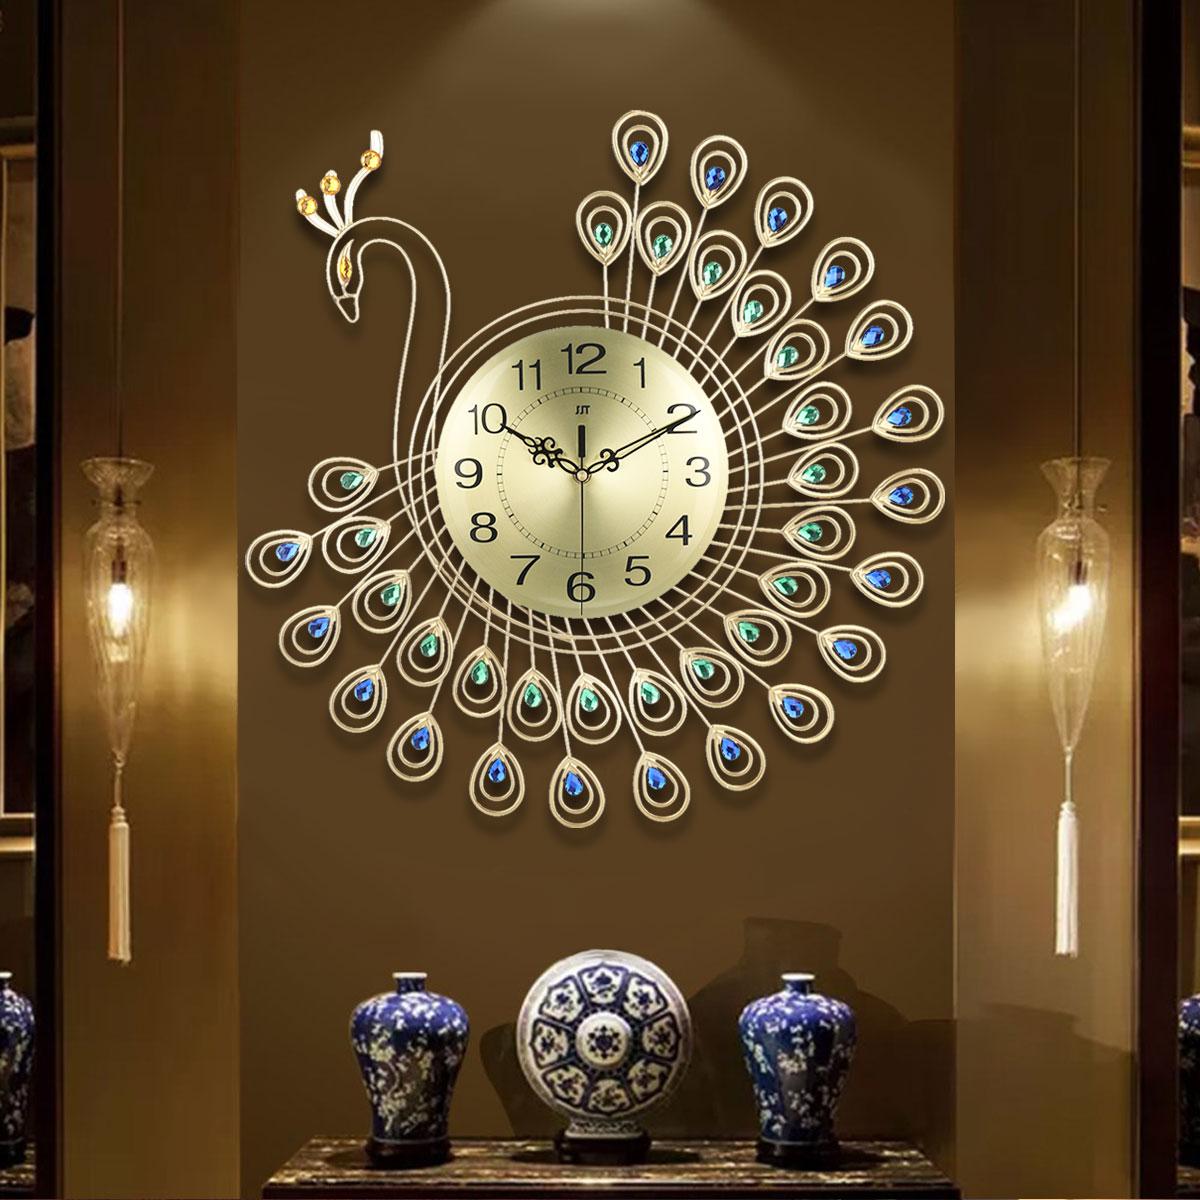 Horloge murale design moderne paon horloge murale 3d acrylique horloges mur décor à la maison mur petit métal décoration 7D190510